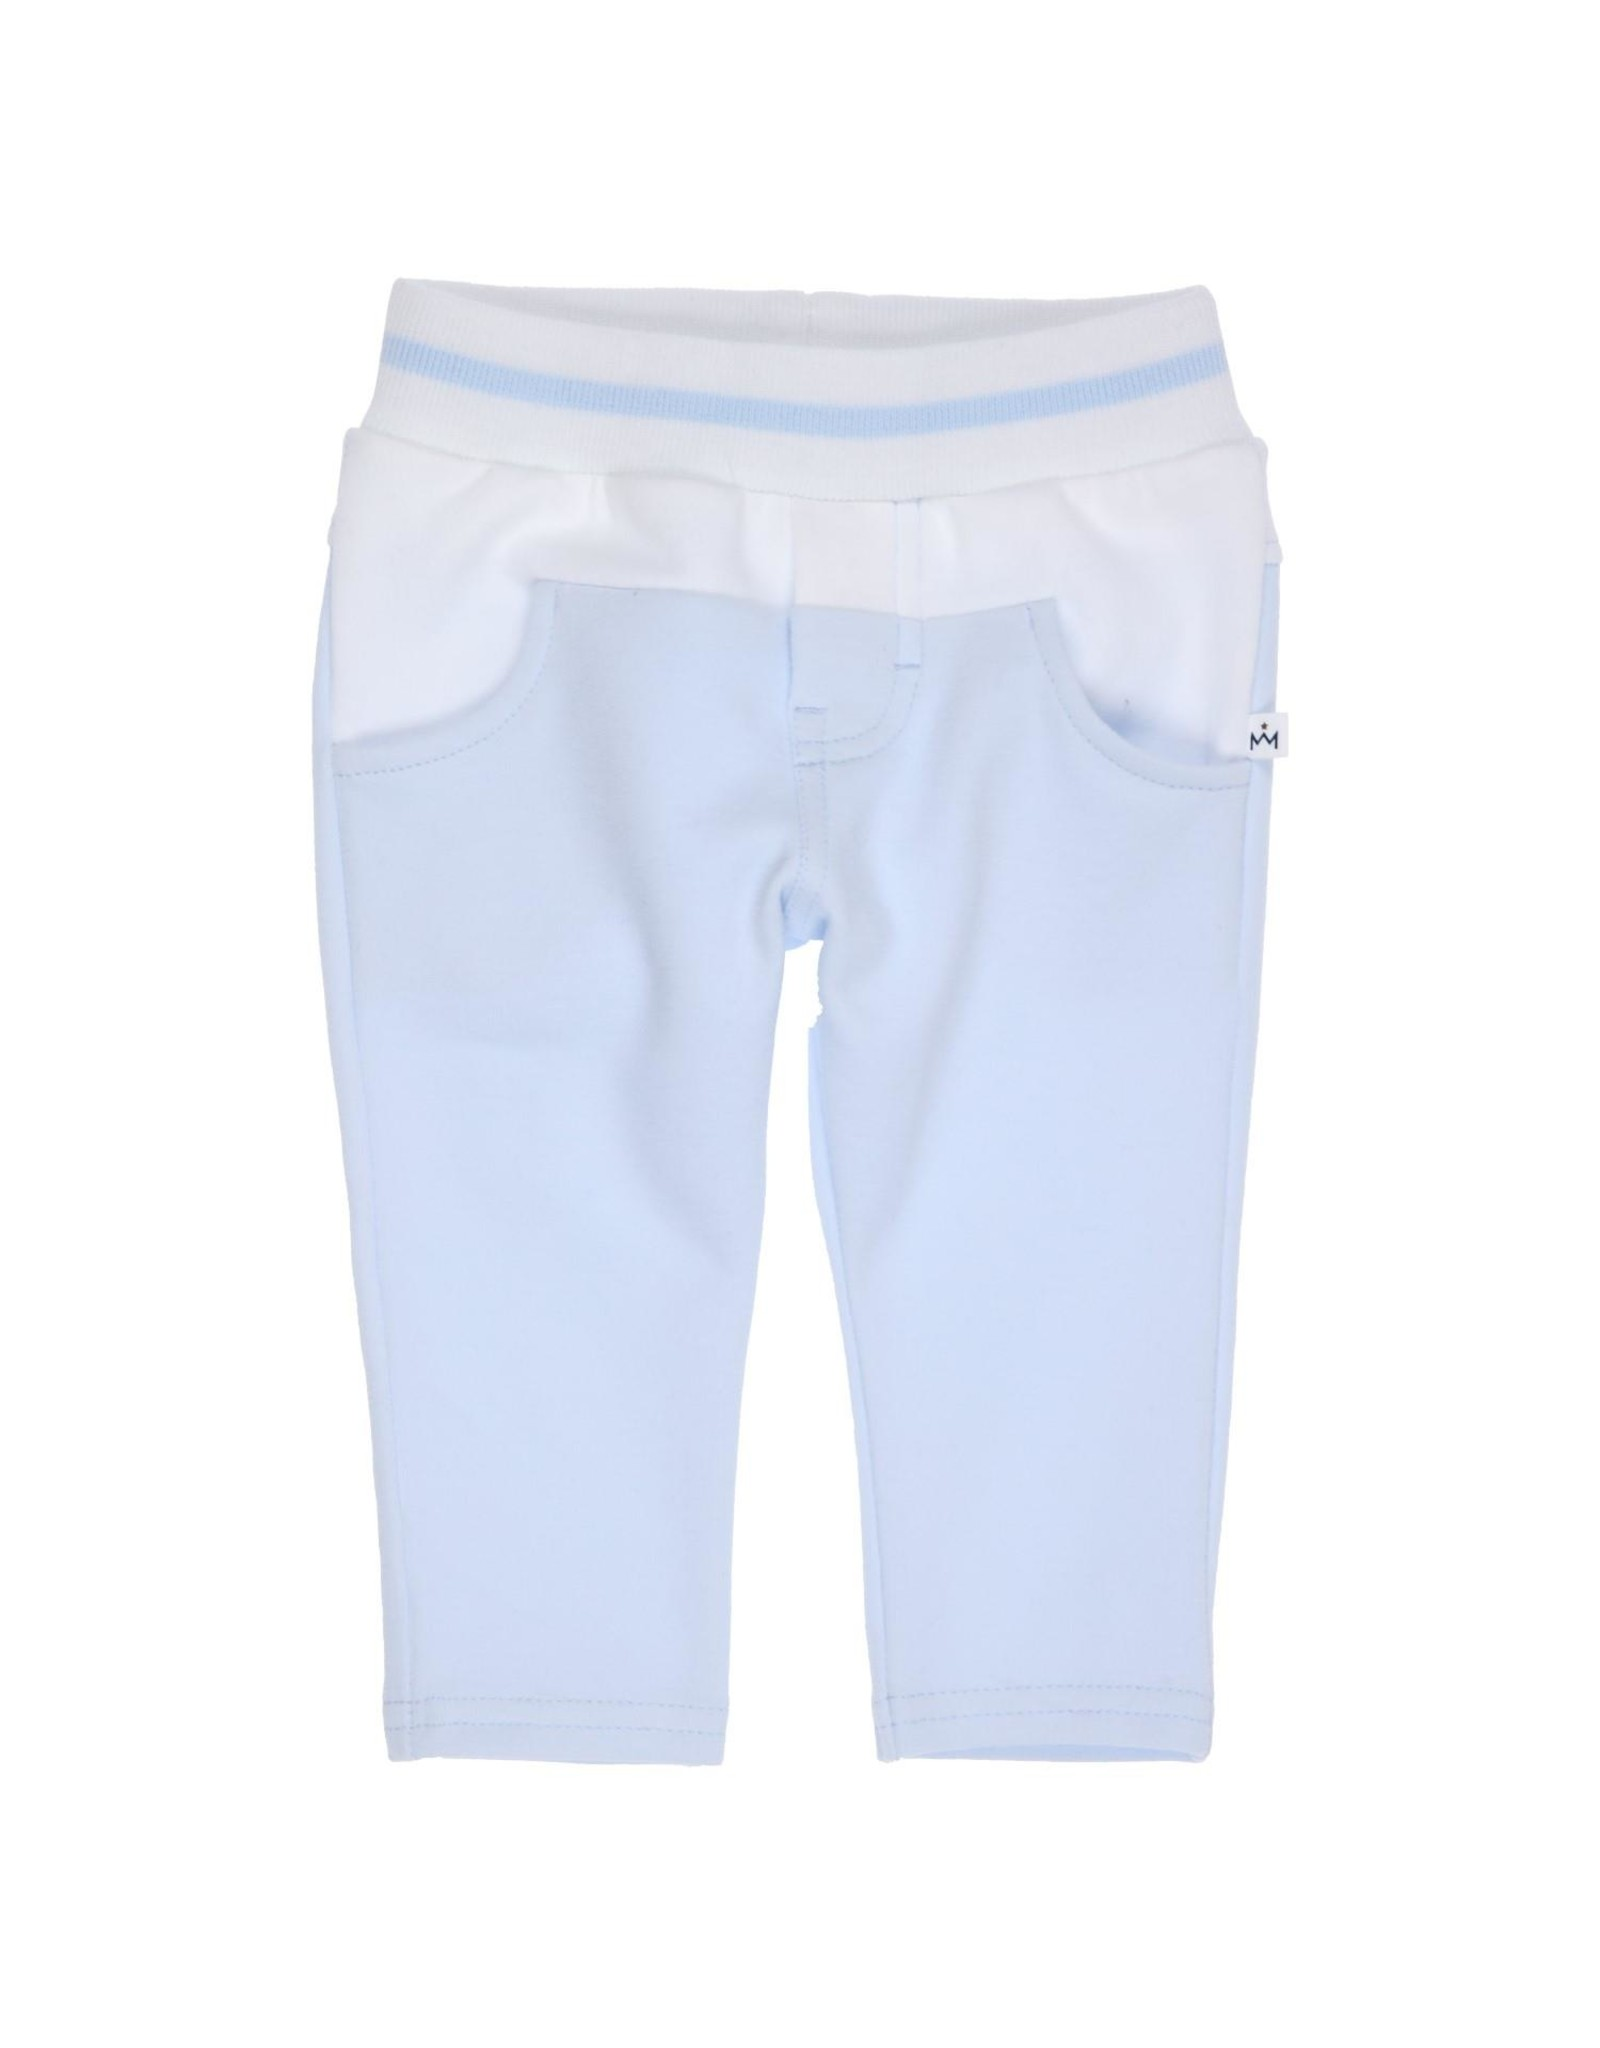 Gymp pantalon - combi - carbon - ba lichtblauw/wit